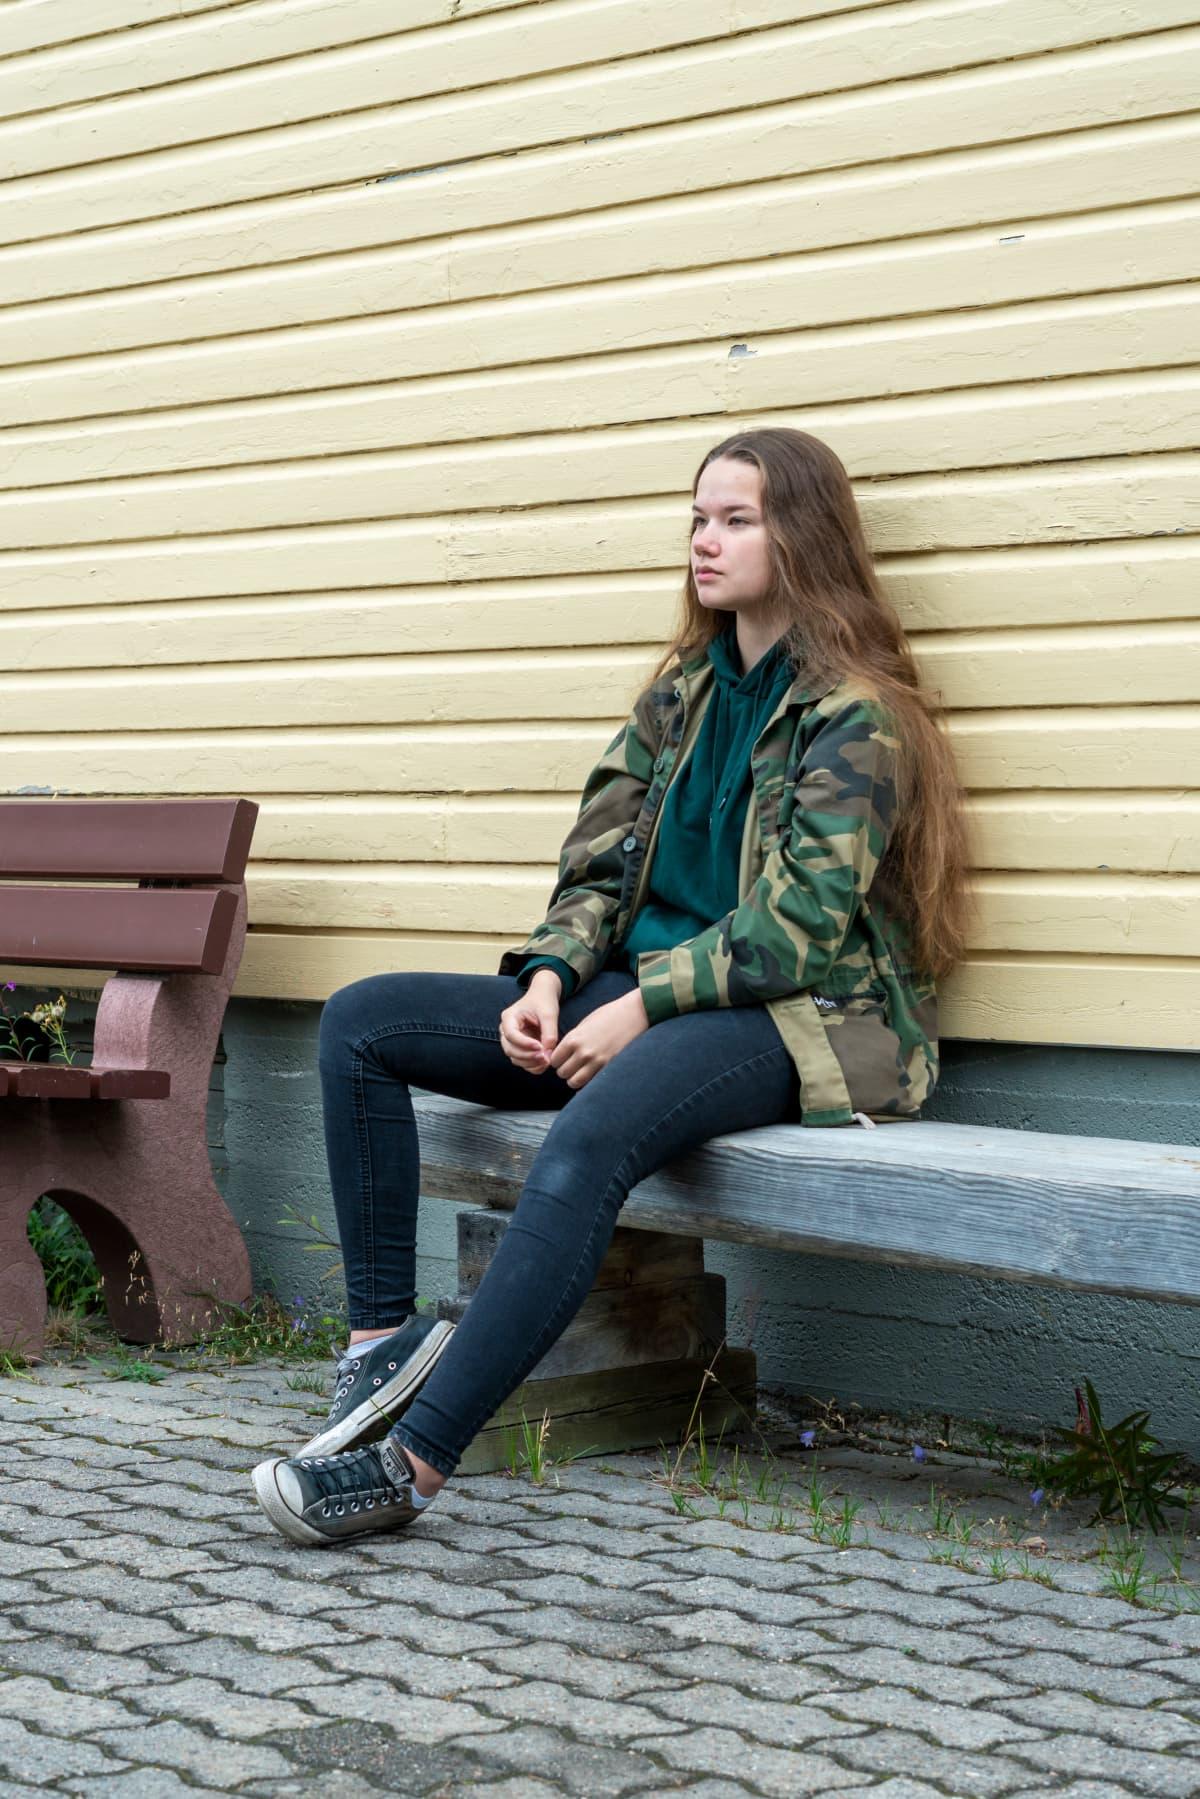 Tyttö istuu penkillä seinän edessä. Hänellä on päällään maastokuviollinen takki.